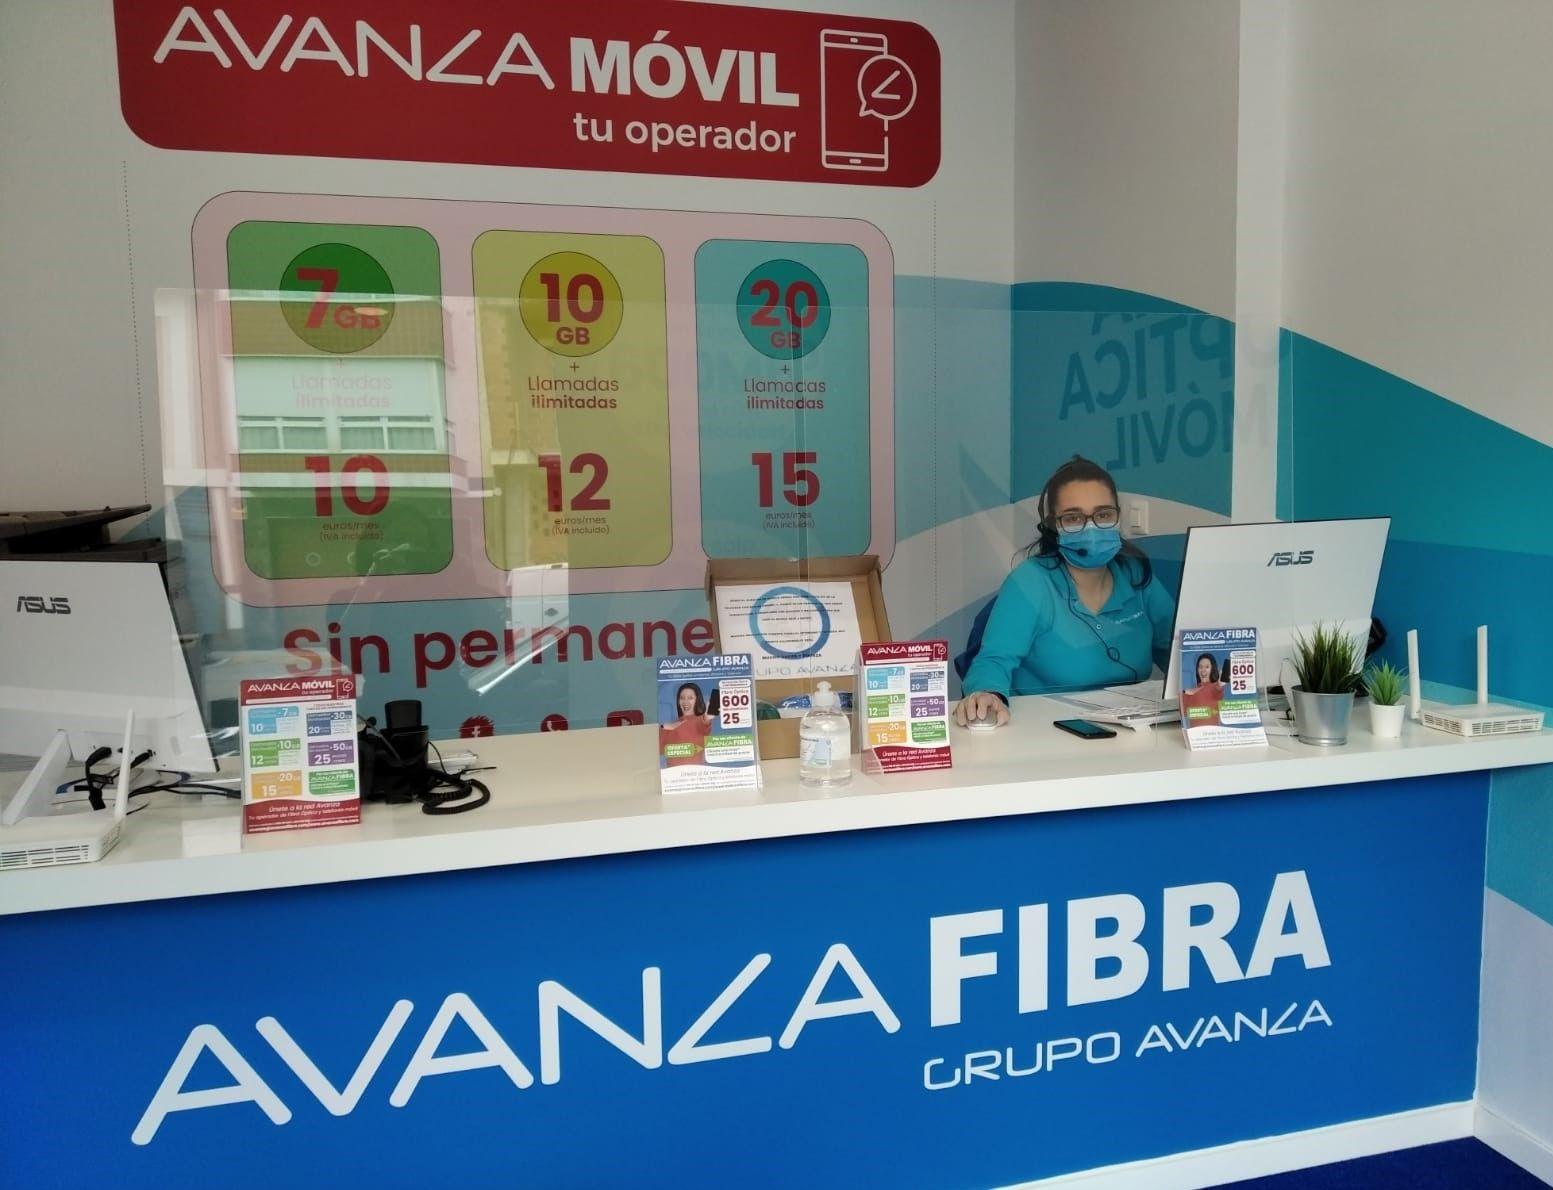 Avanza incrementa su plantilla comercial en un 10% durante el Estado de Alarma